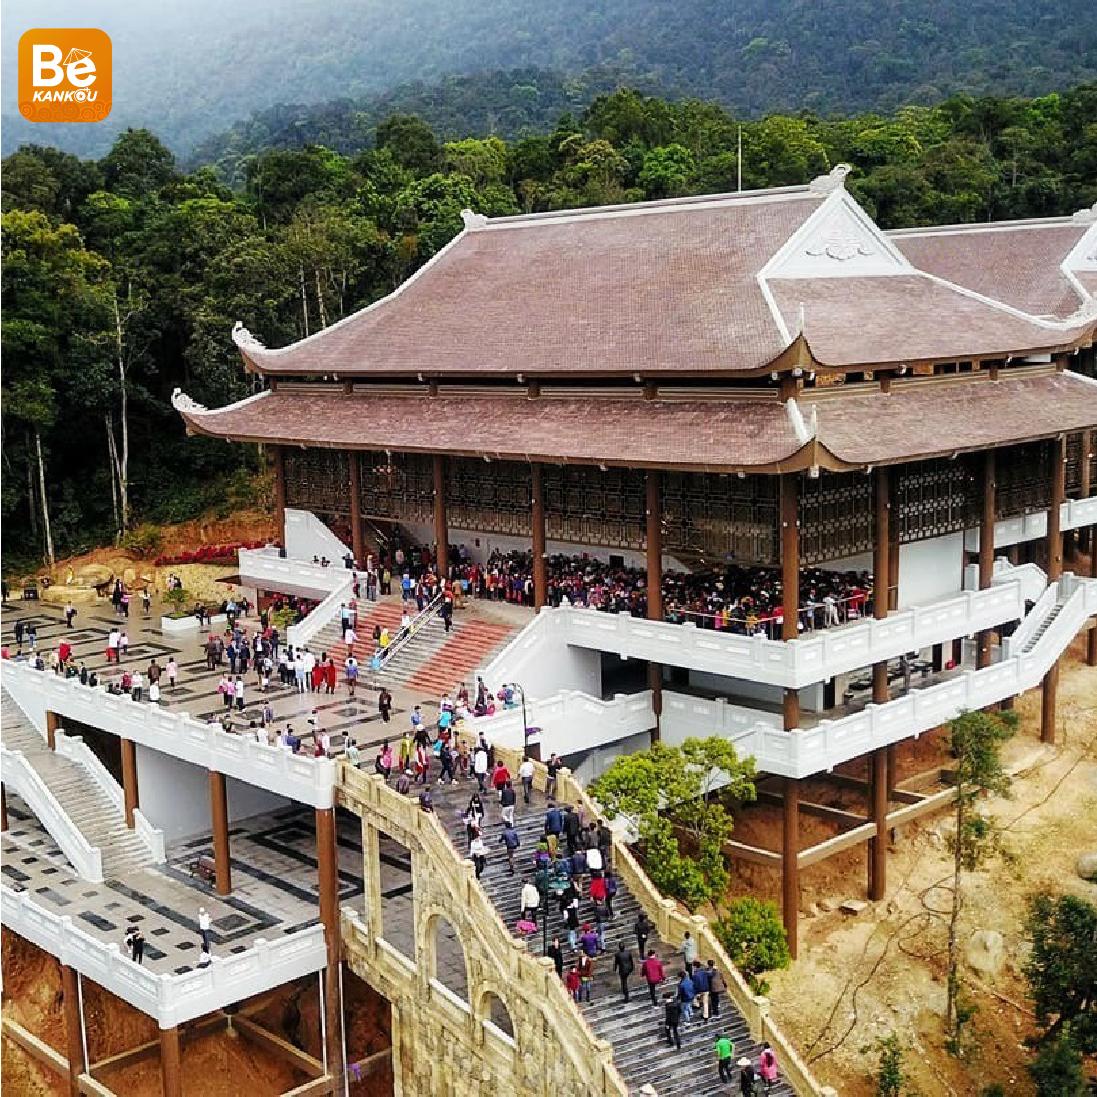 西イエントゥ(Tay Yen Tu)文化観光ウィーク20202